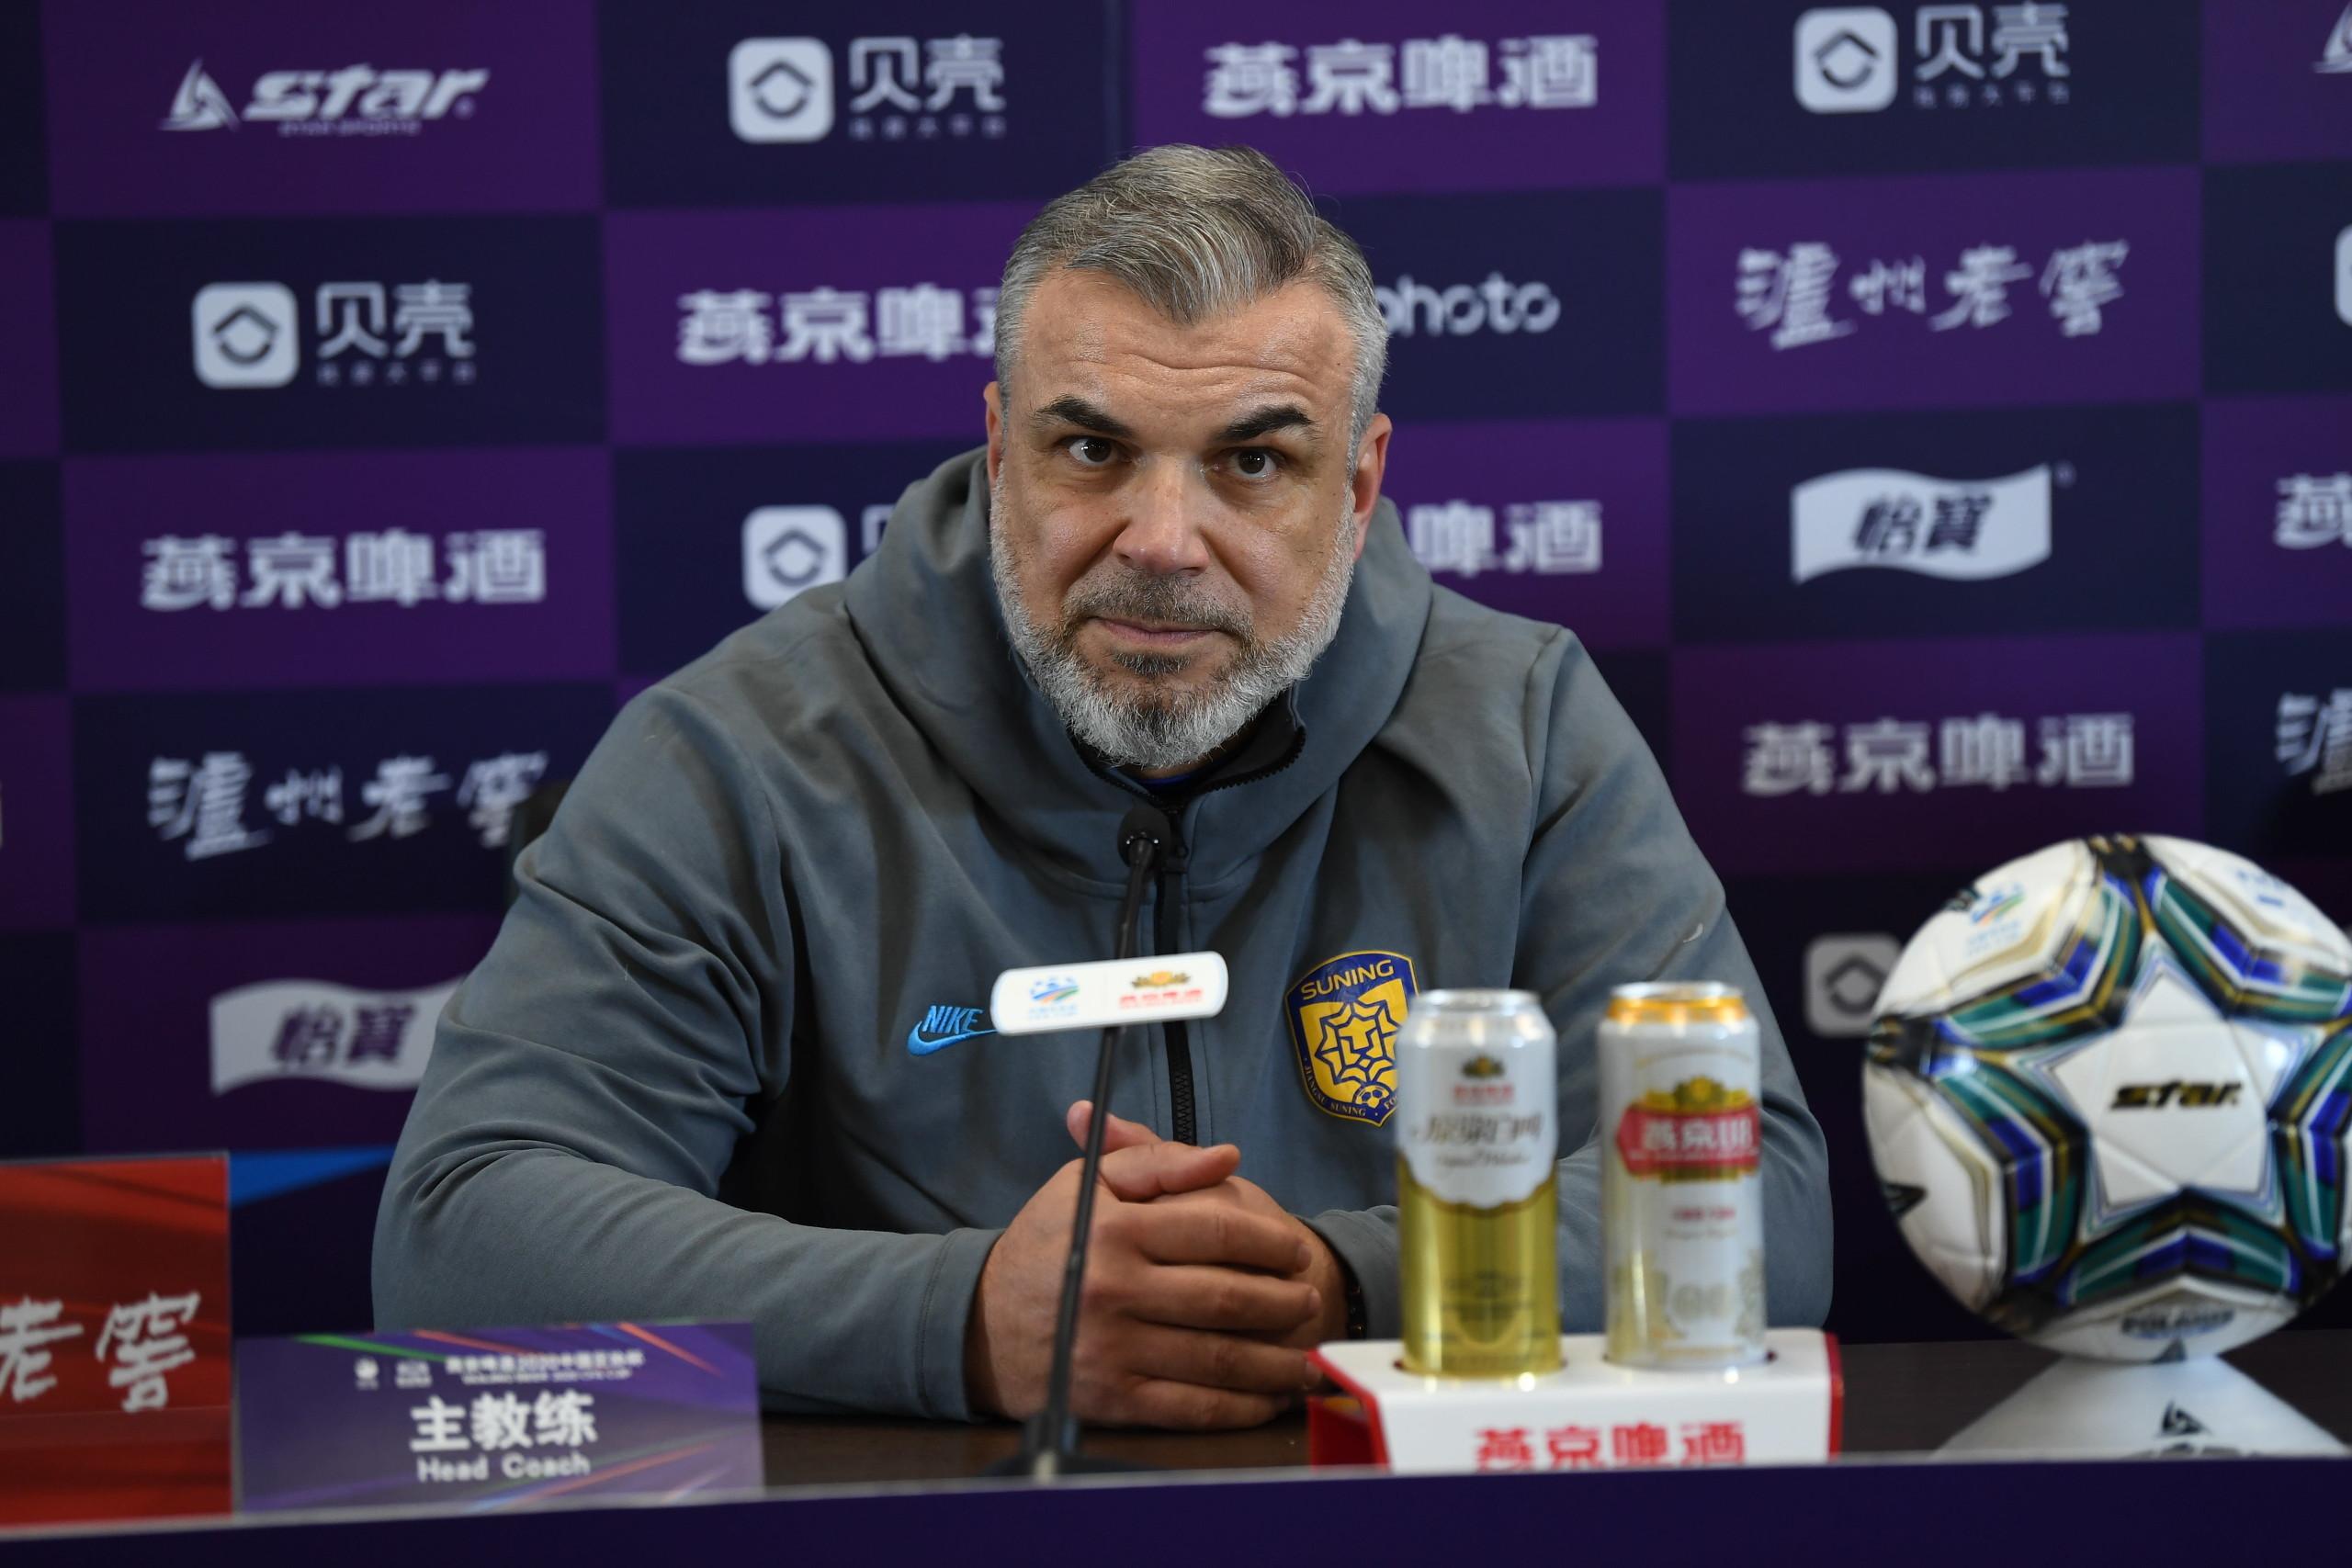 奥拉罗尤:对队员非常自豪,失去冠军心里也很不舒服